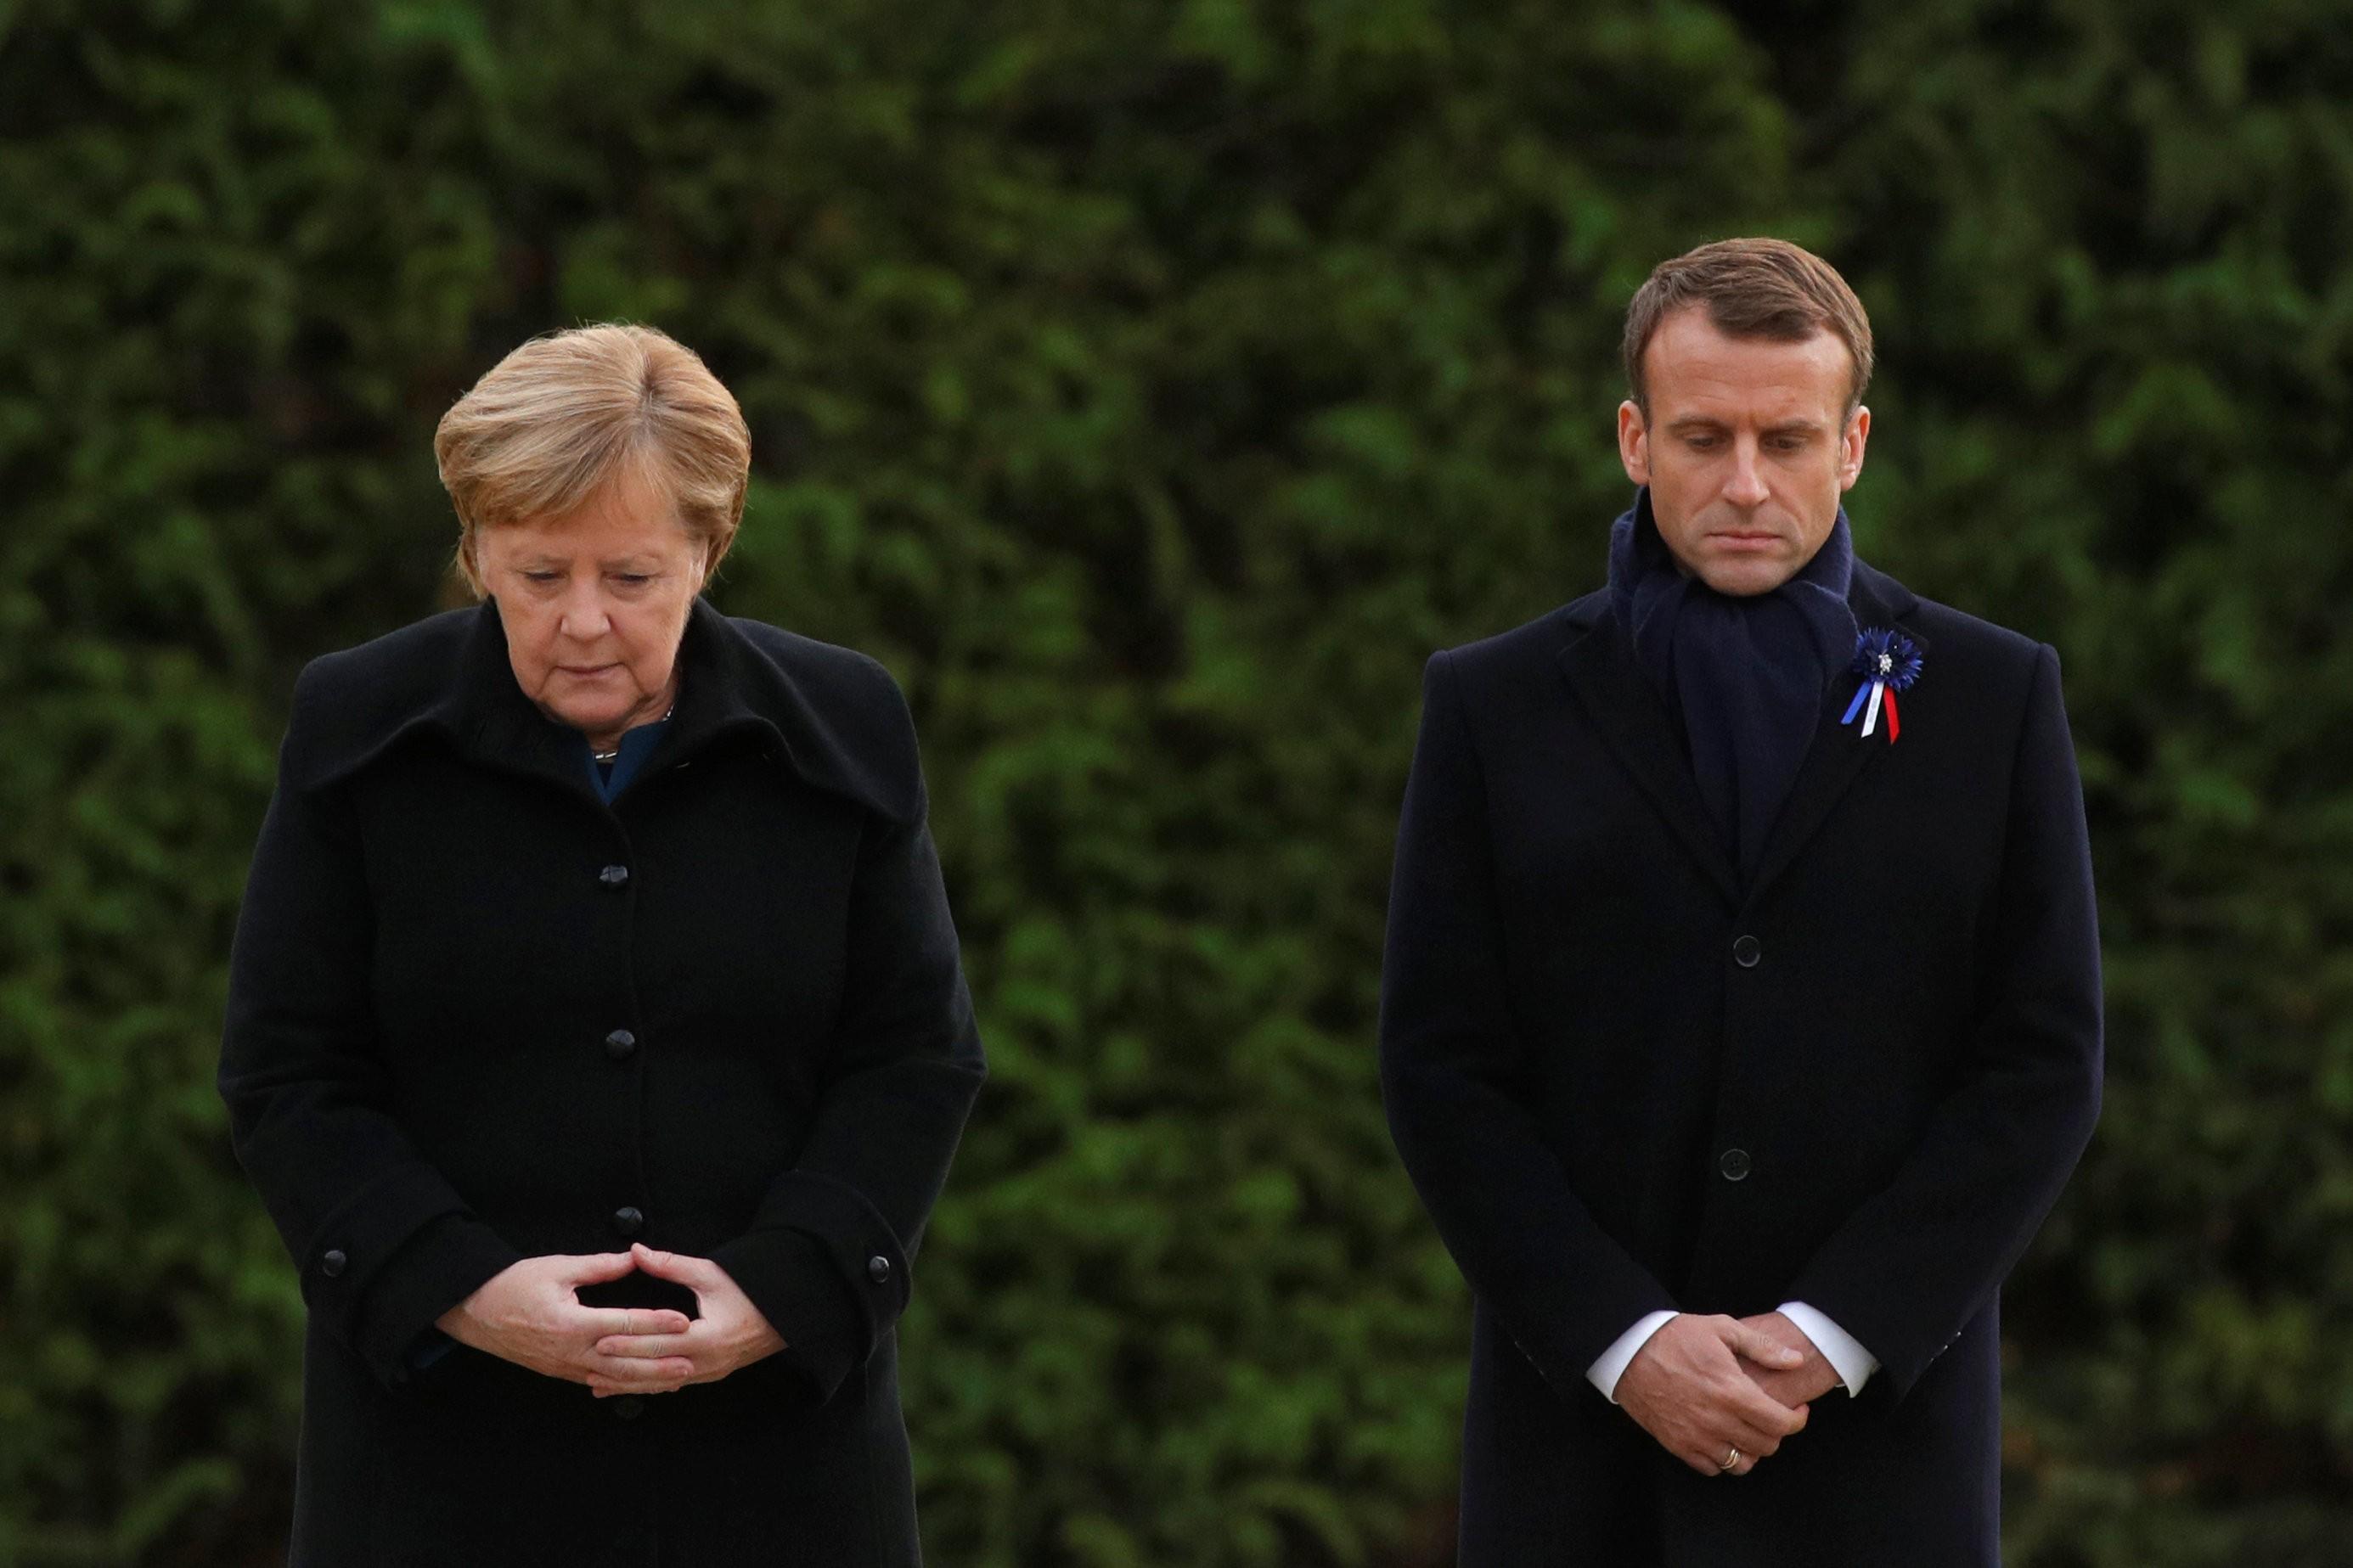 Merkel e Macron participam de ato em memória dos 100 anos do fim da Primeira Guerra Mundial